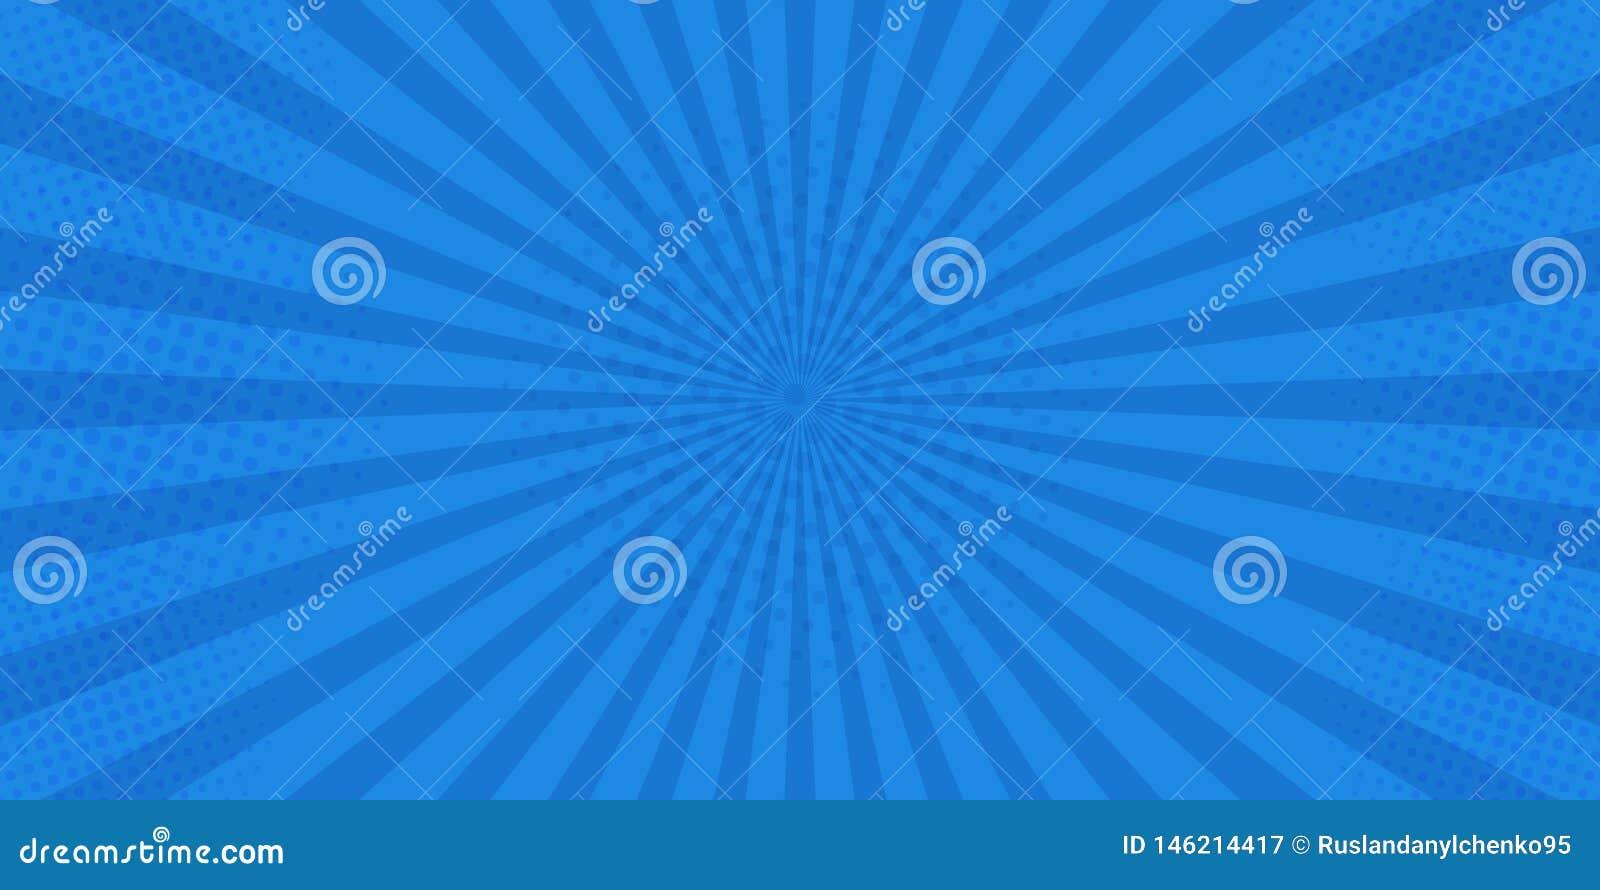 Шуточное искусства попа ретро Голубой супергерой предпосылки Точки полутонового изображения взрыва молнии Мультфильм против r